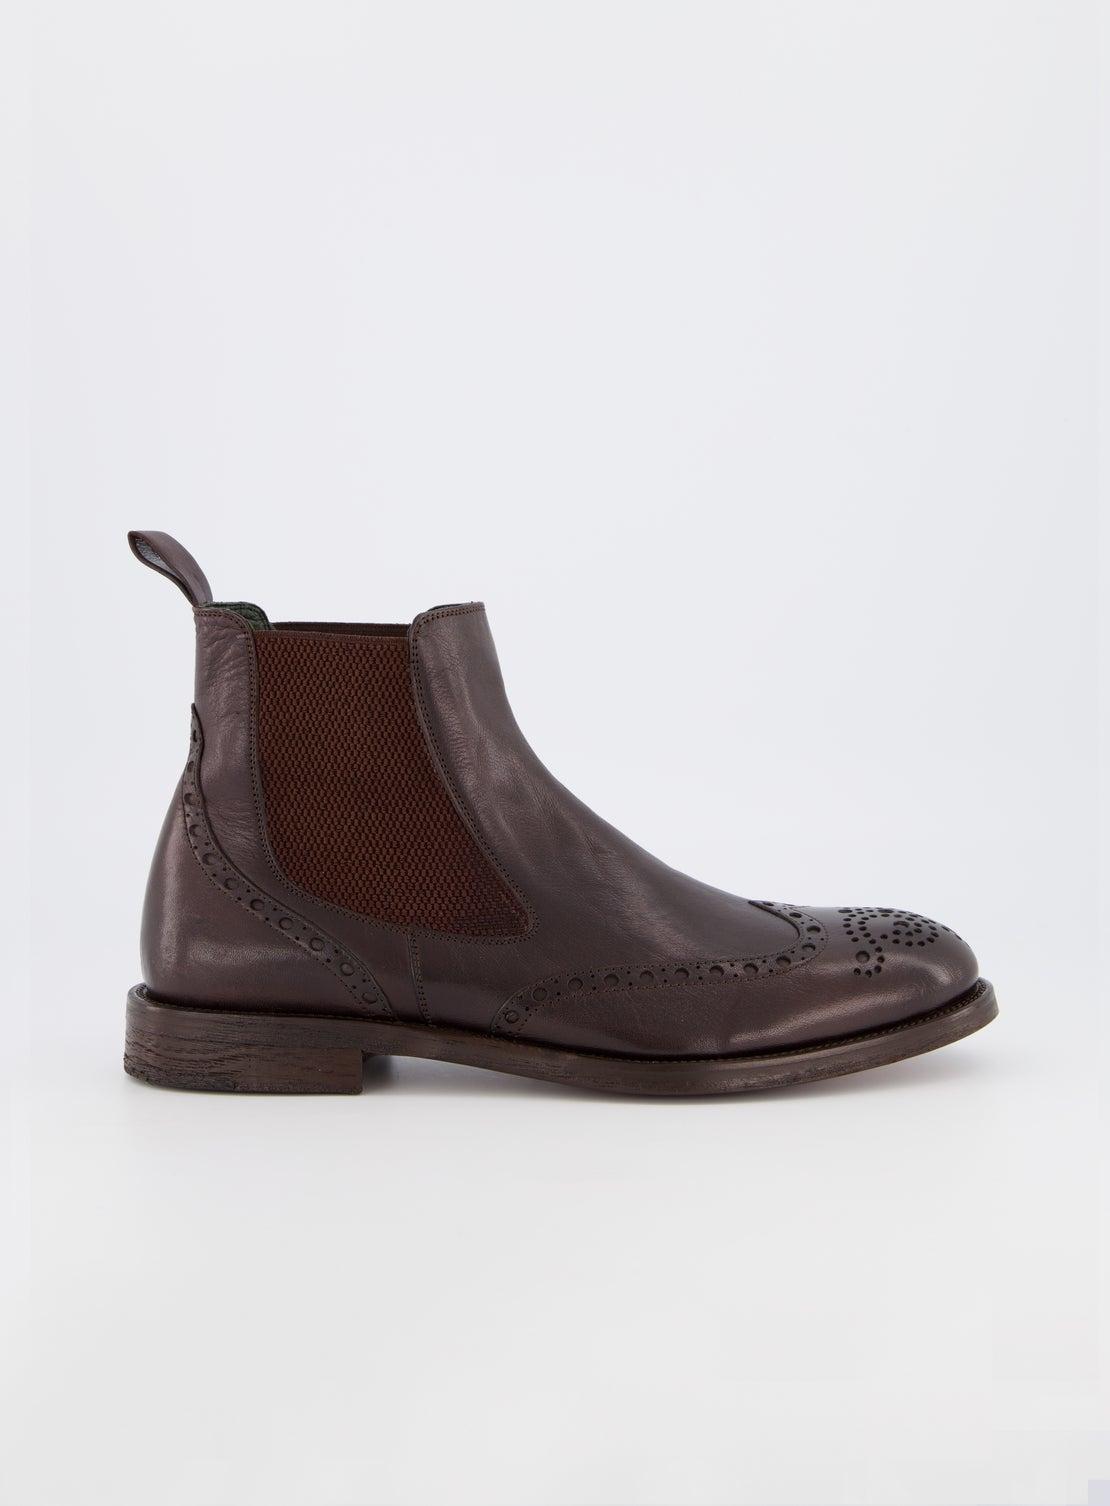 Strummer Brown Brogue Boot